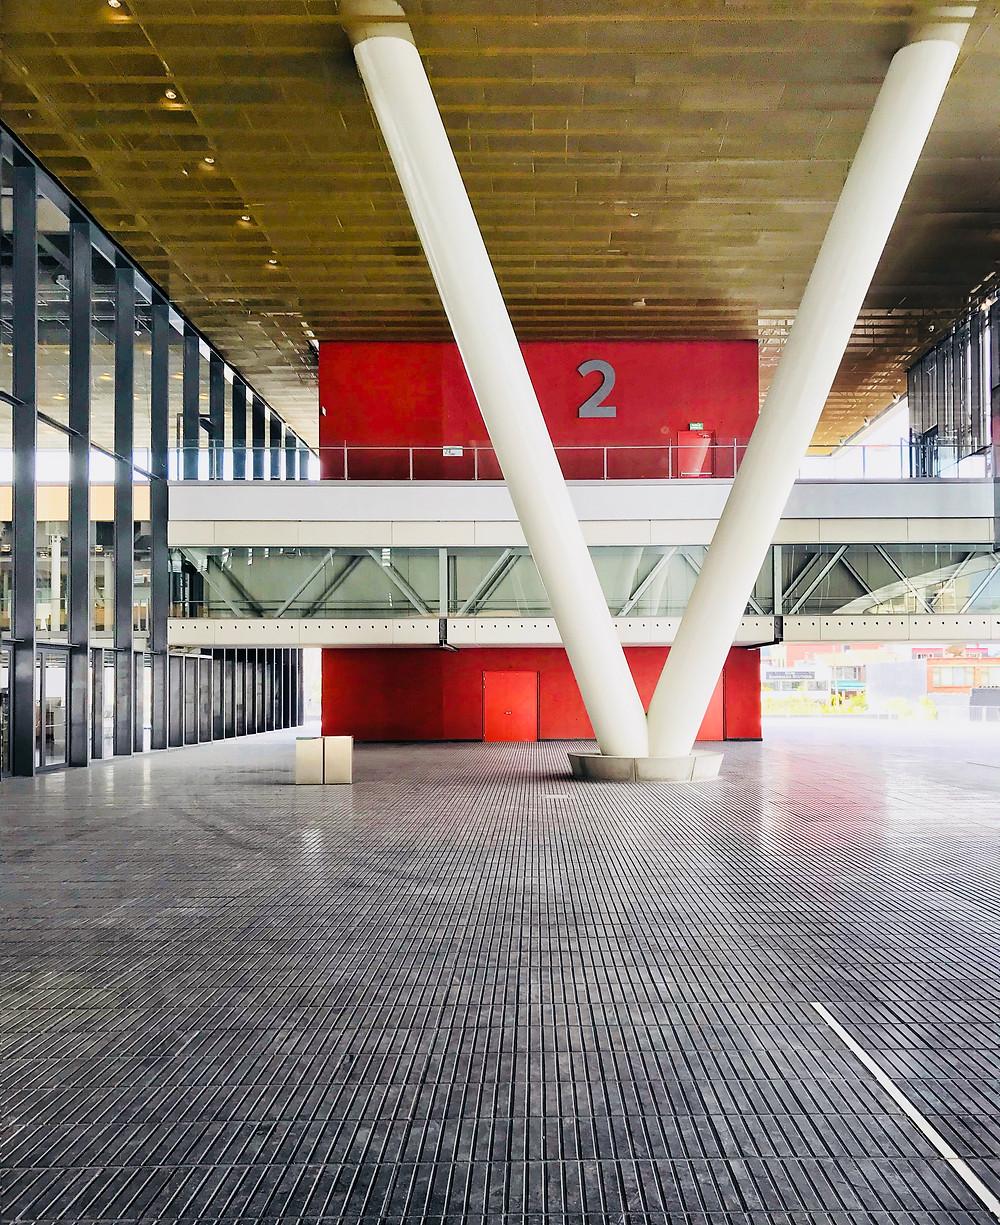 Acceso centro de convenciones Ágora de los arquitectos Daniel Bermúdez y Estudio Herreros